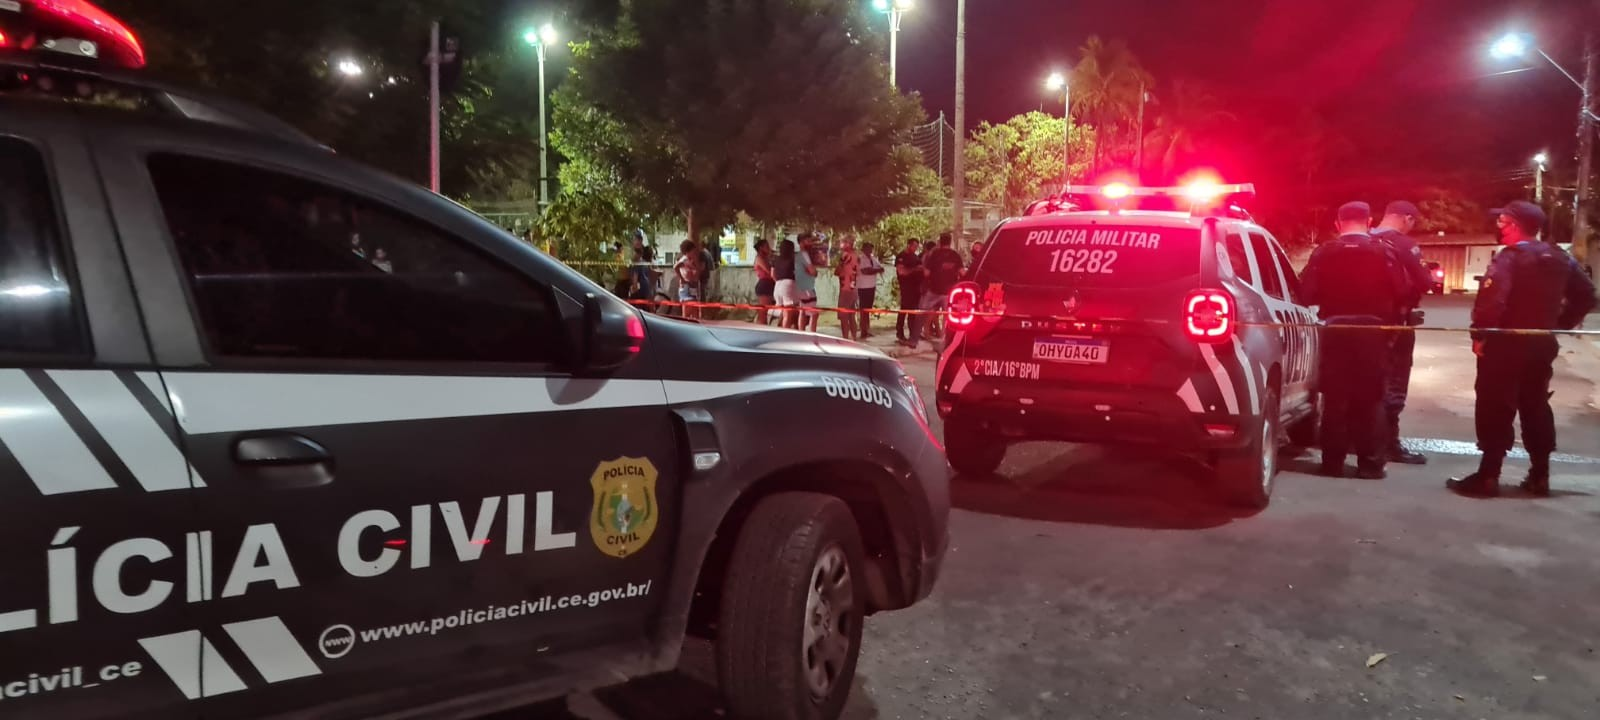 Estudante é morto a tiros enquanto trabalhava em churrascaria no Bairro Messejana, em Fortaleza